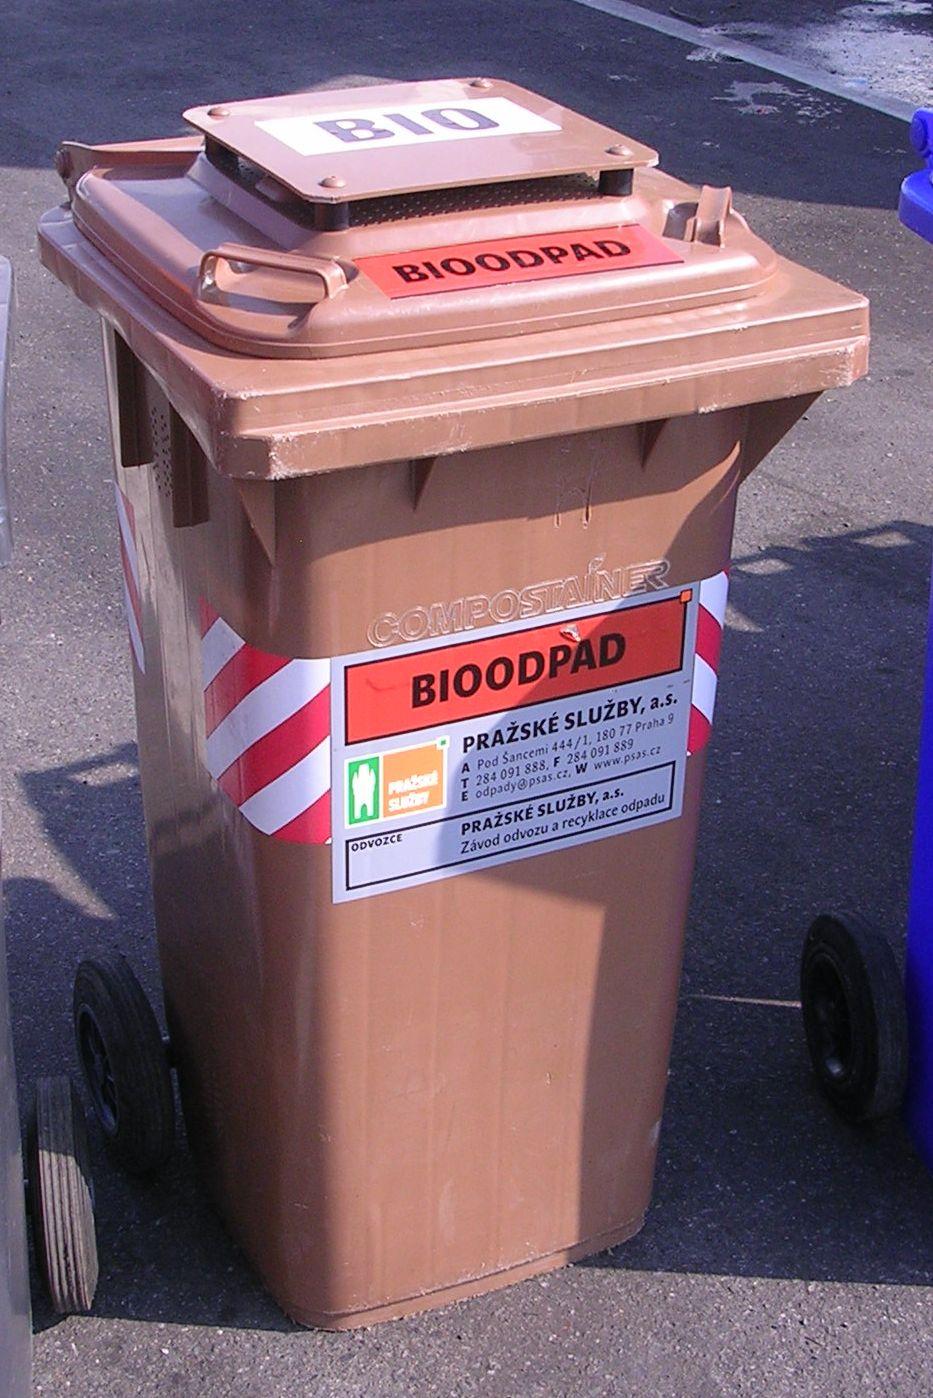 Kontejner na bioodpad (zdroj obrázku: wikipeadia.org)